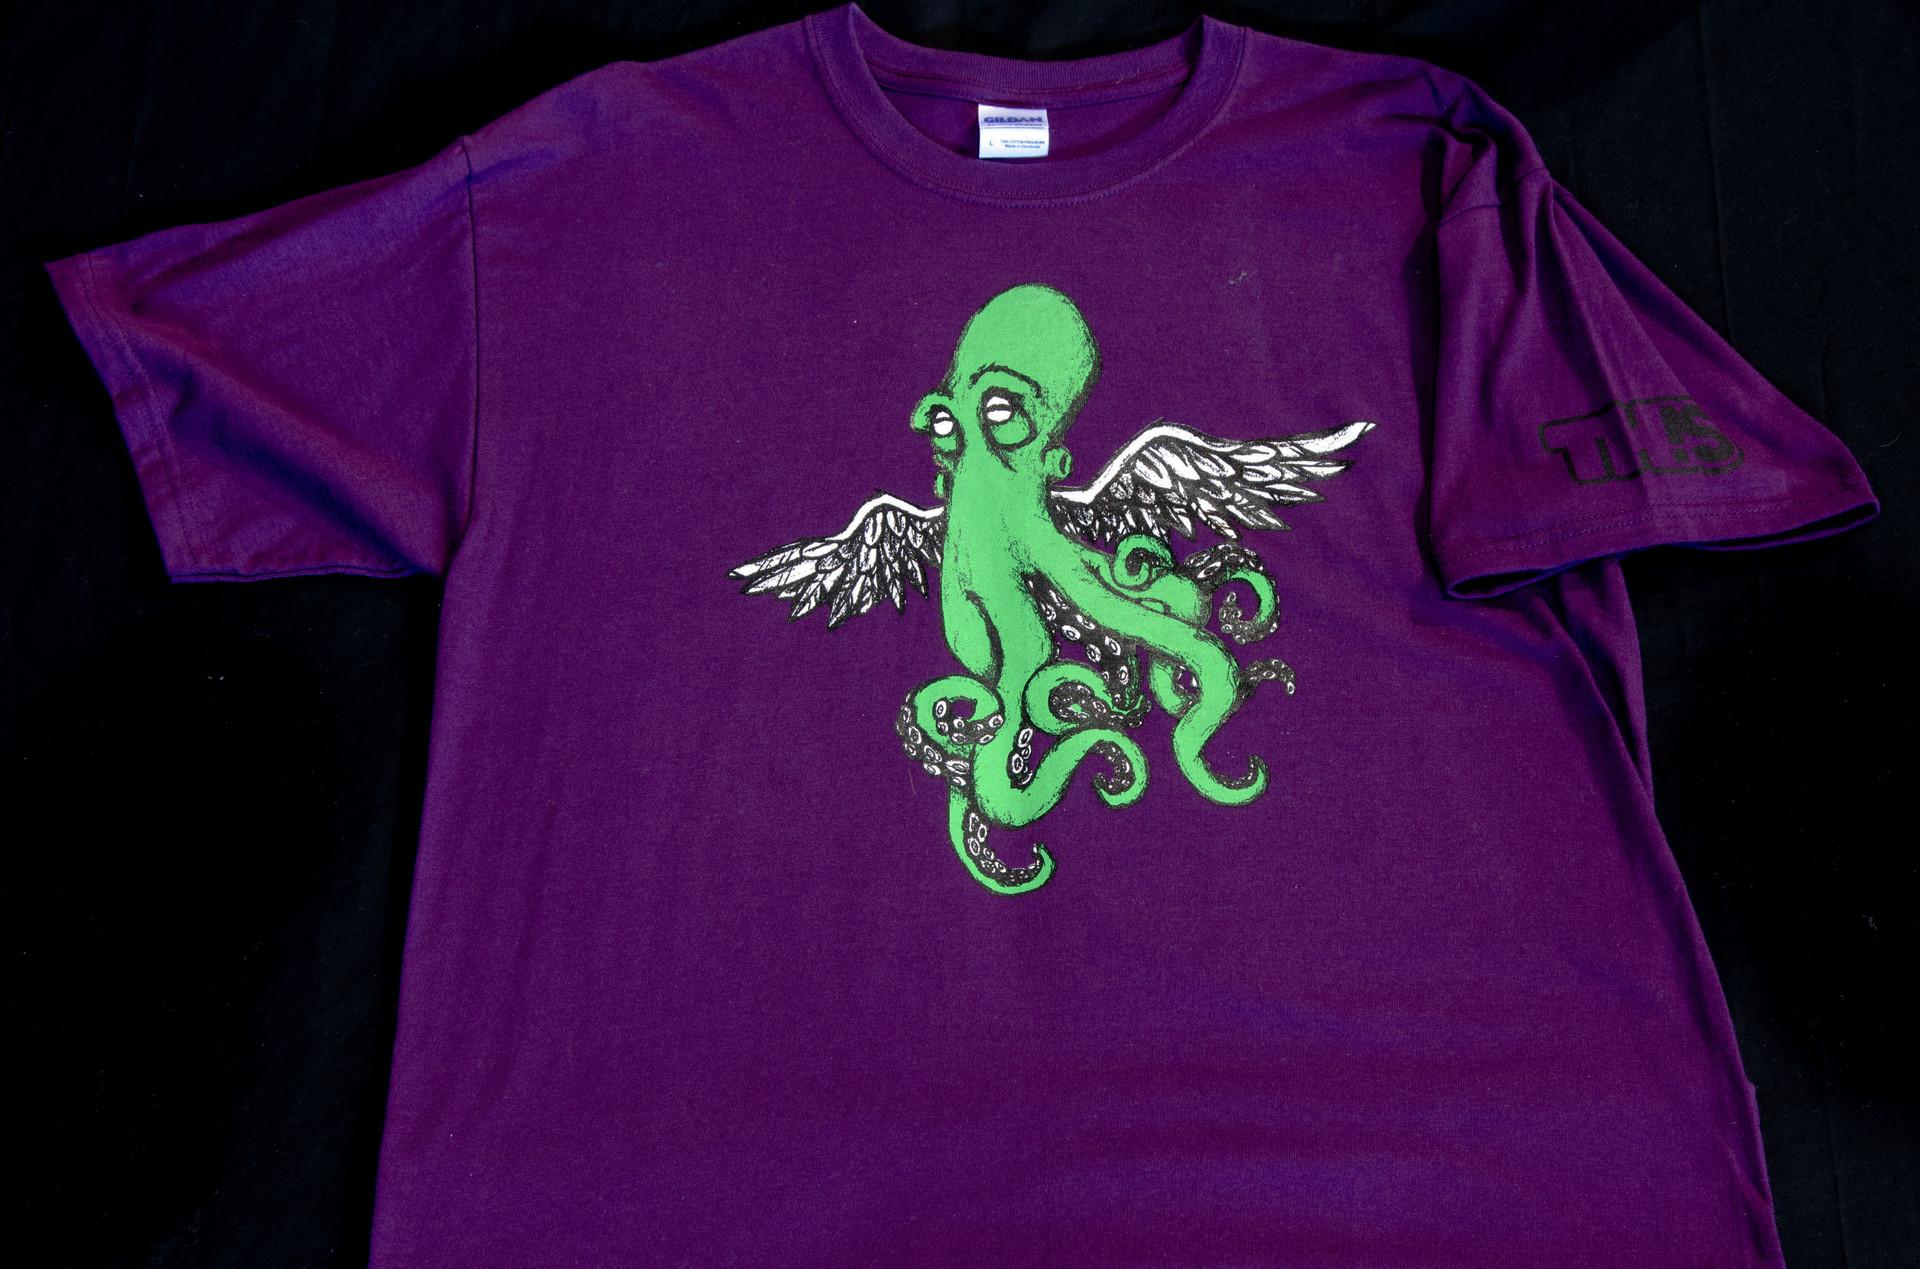 FlyingOctopusShirt.jpg